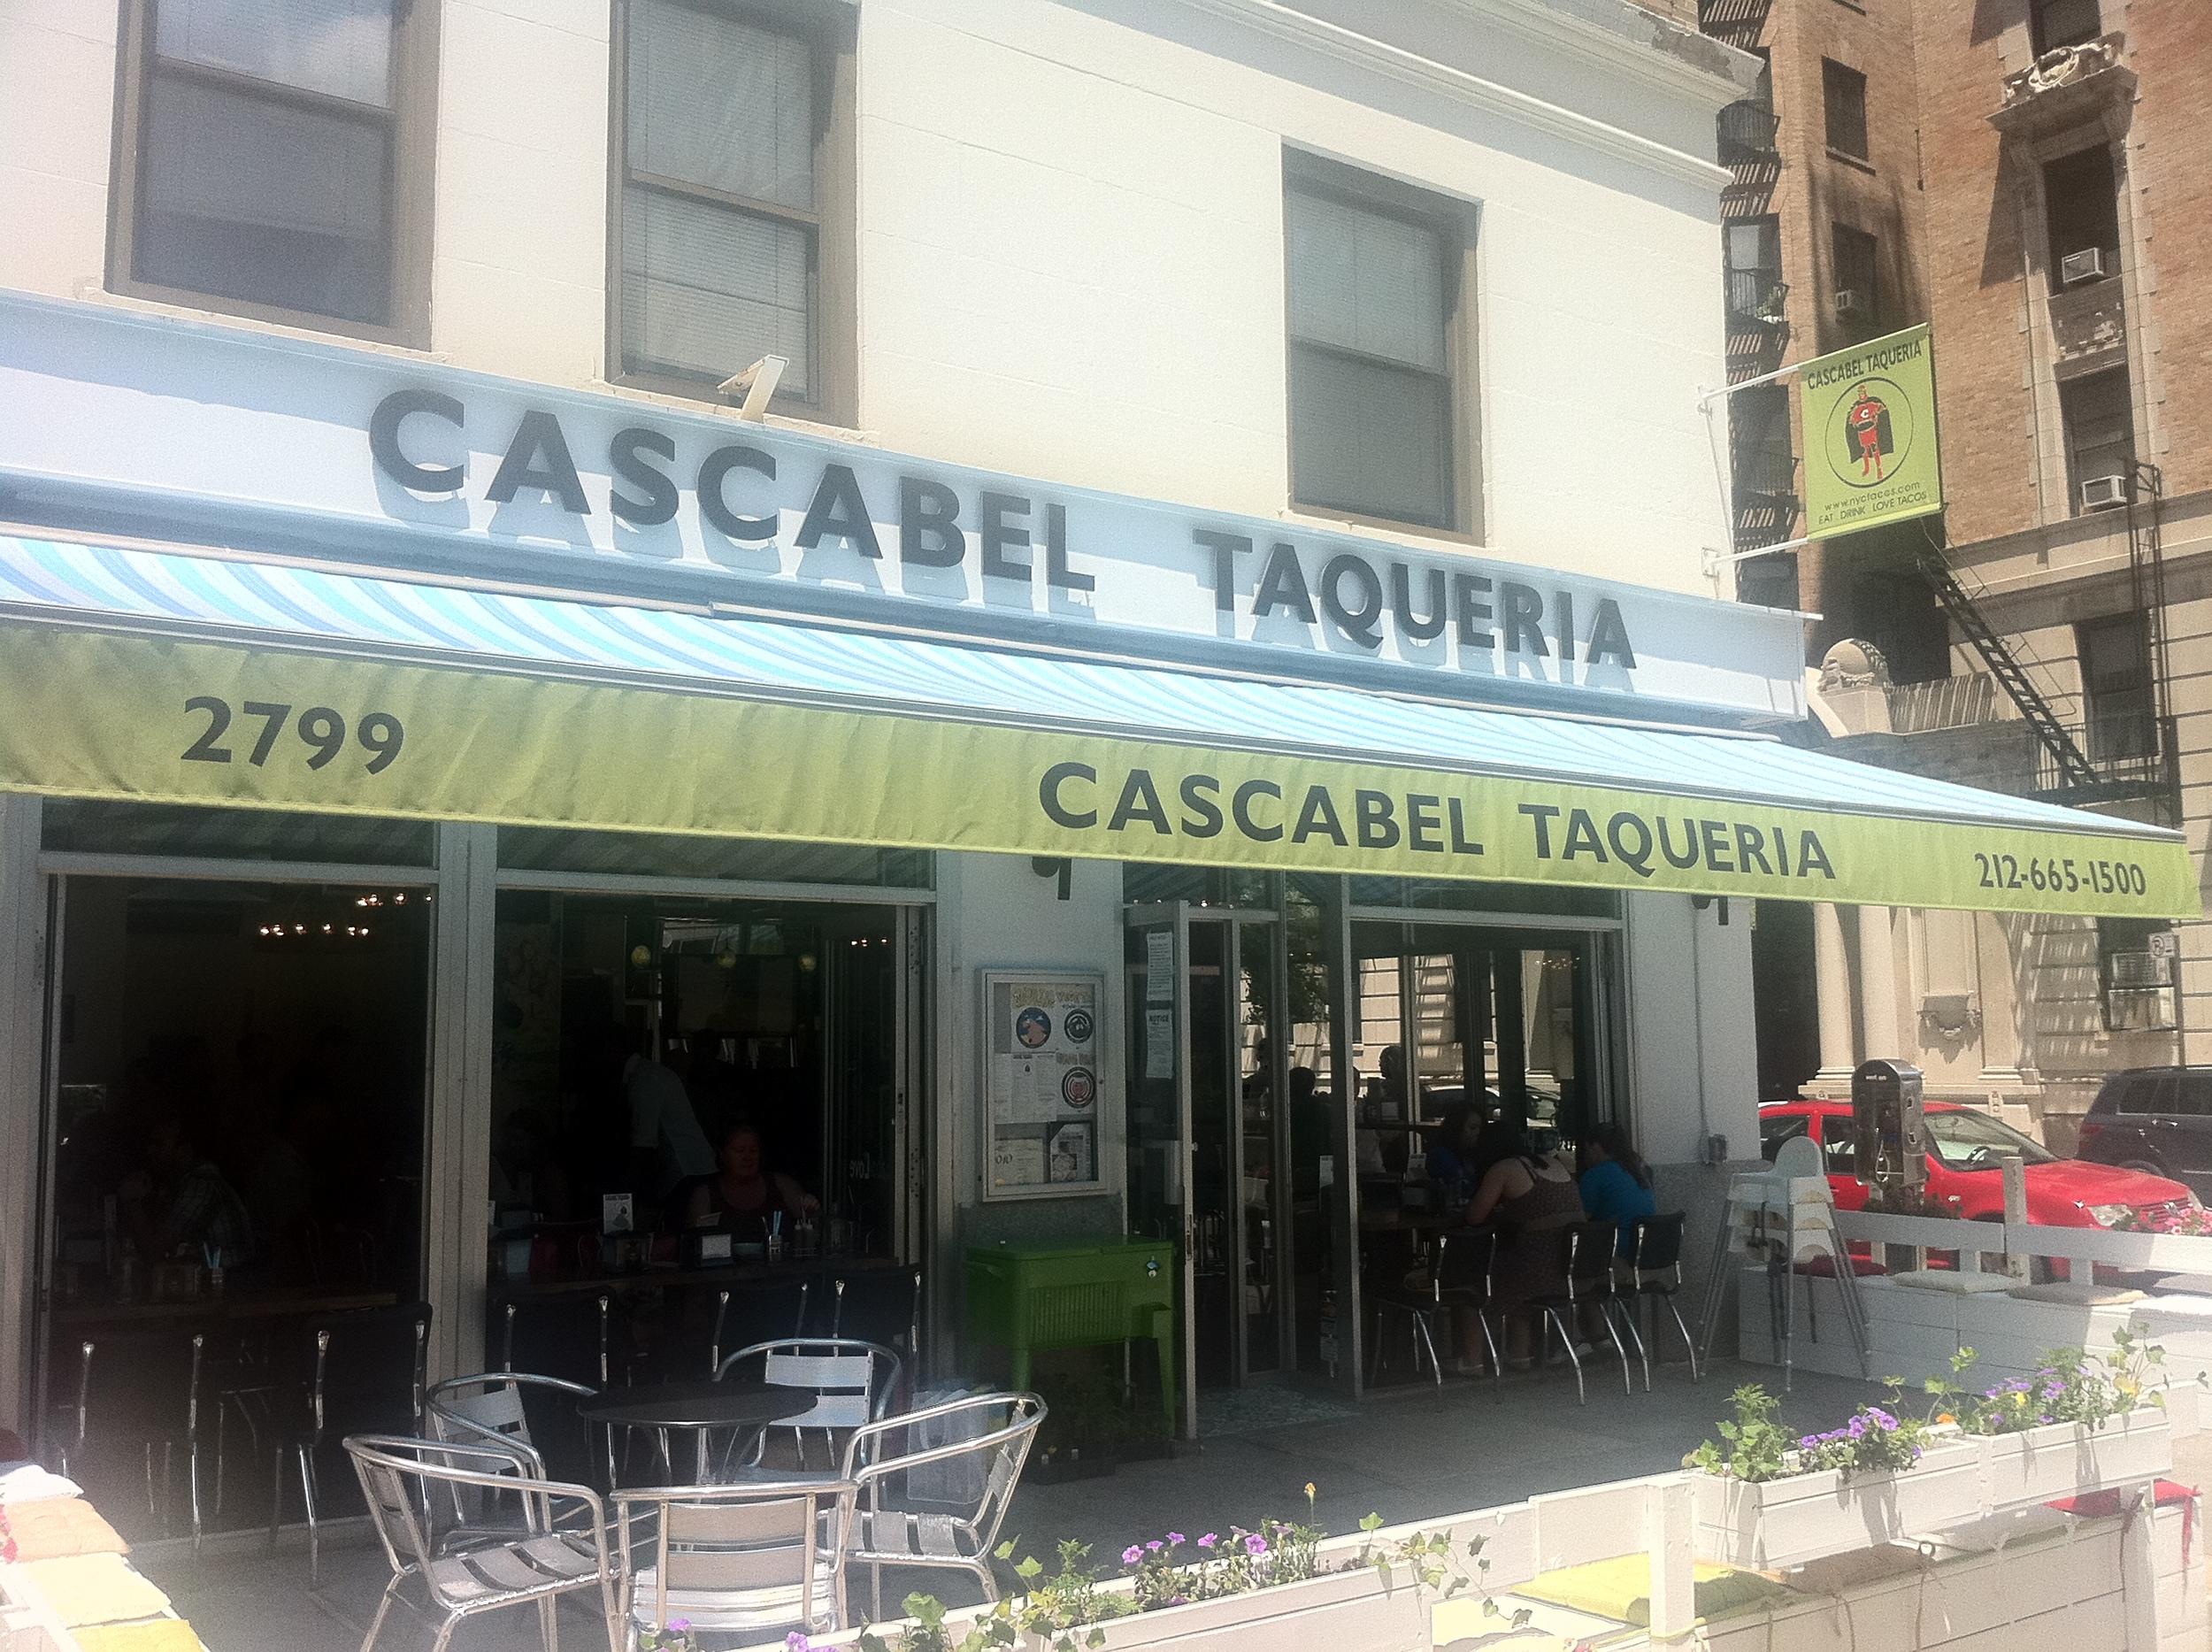 Cascabel Taqueria